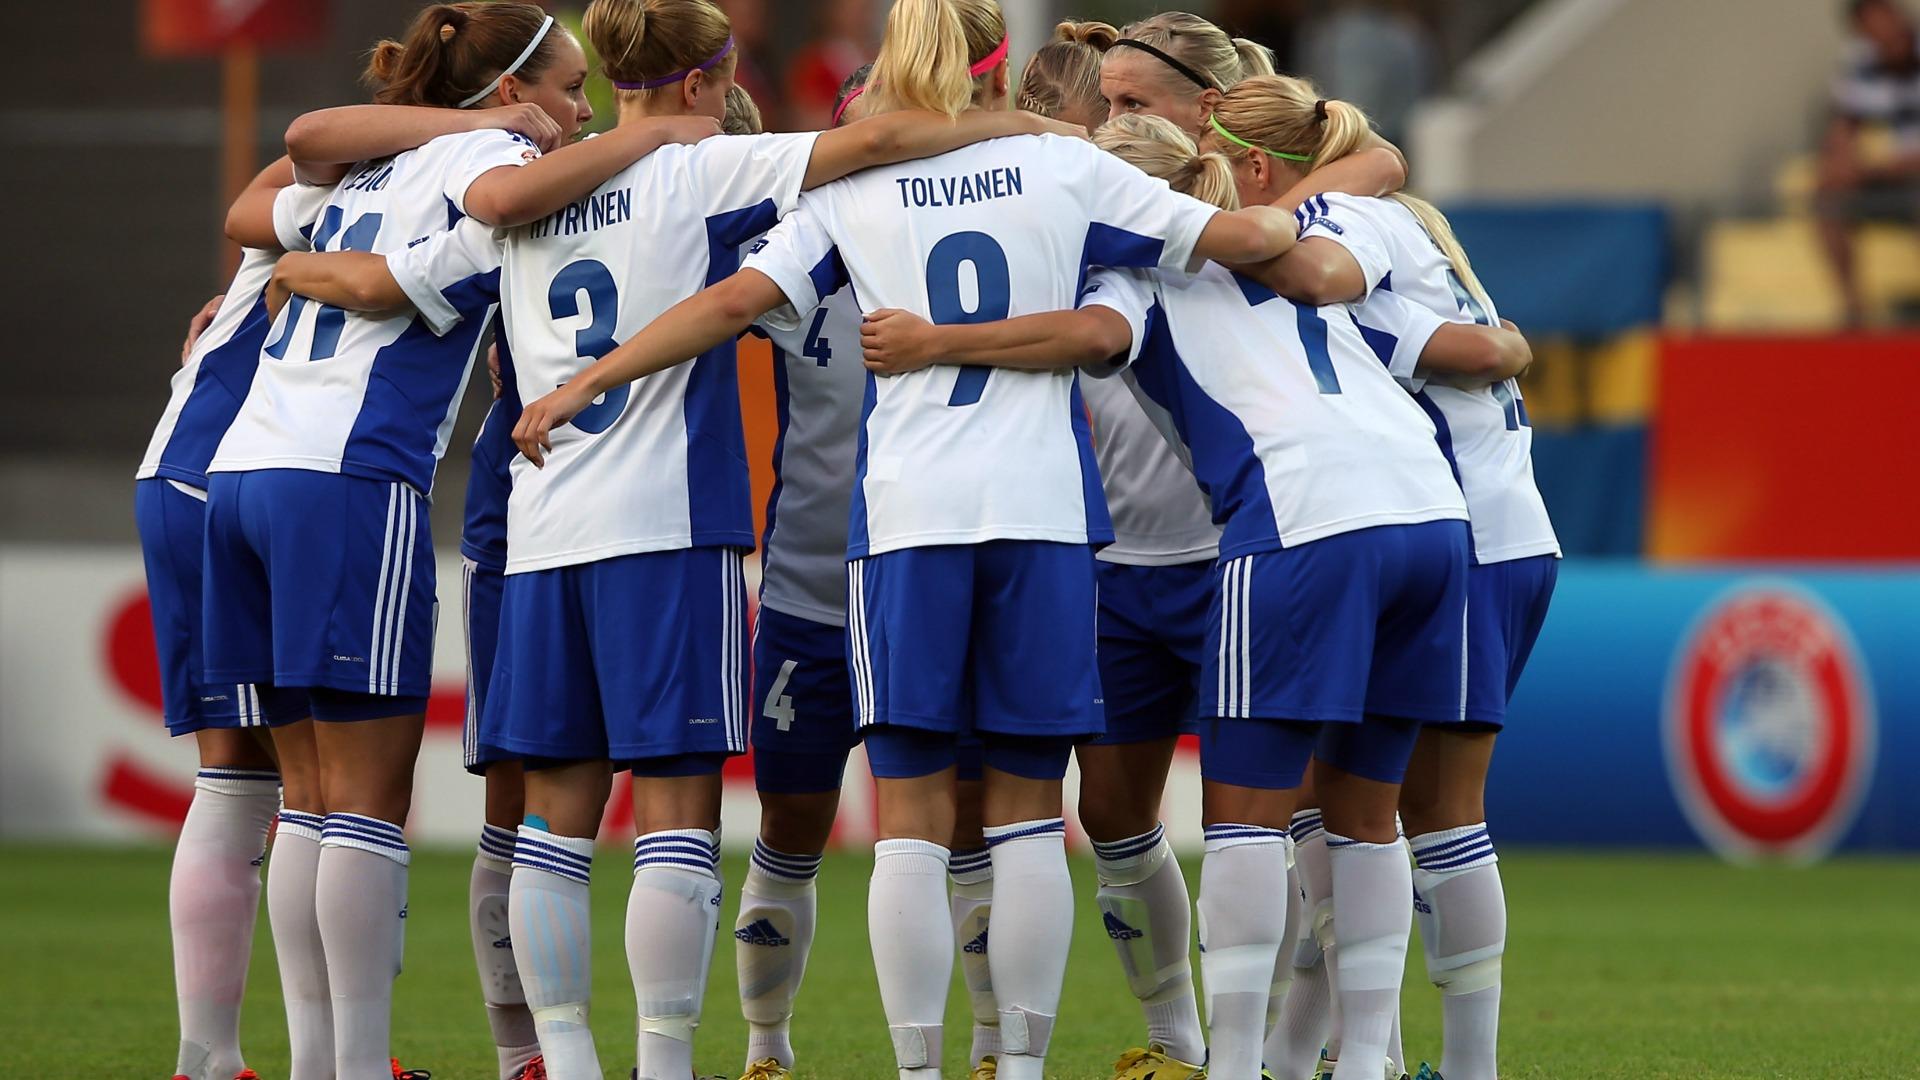 Finland women team